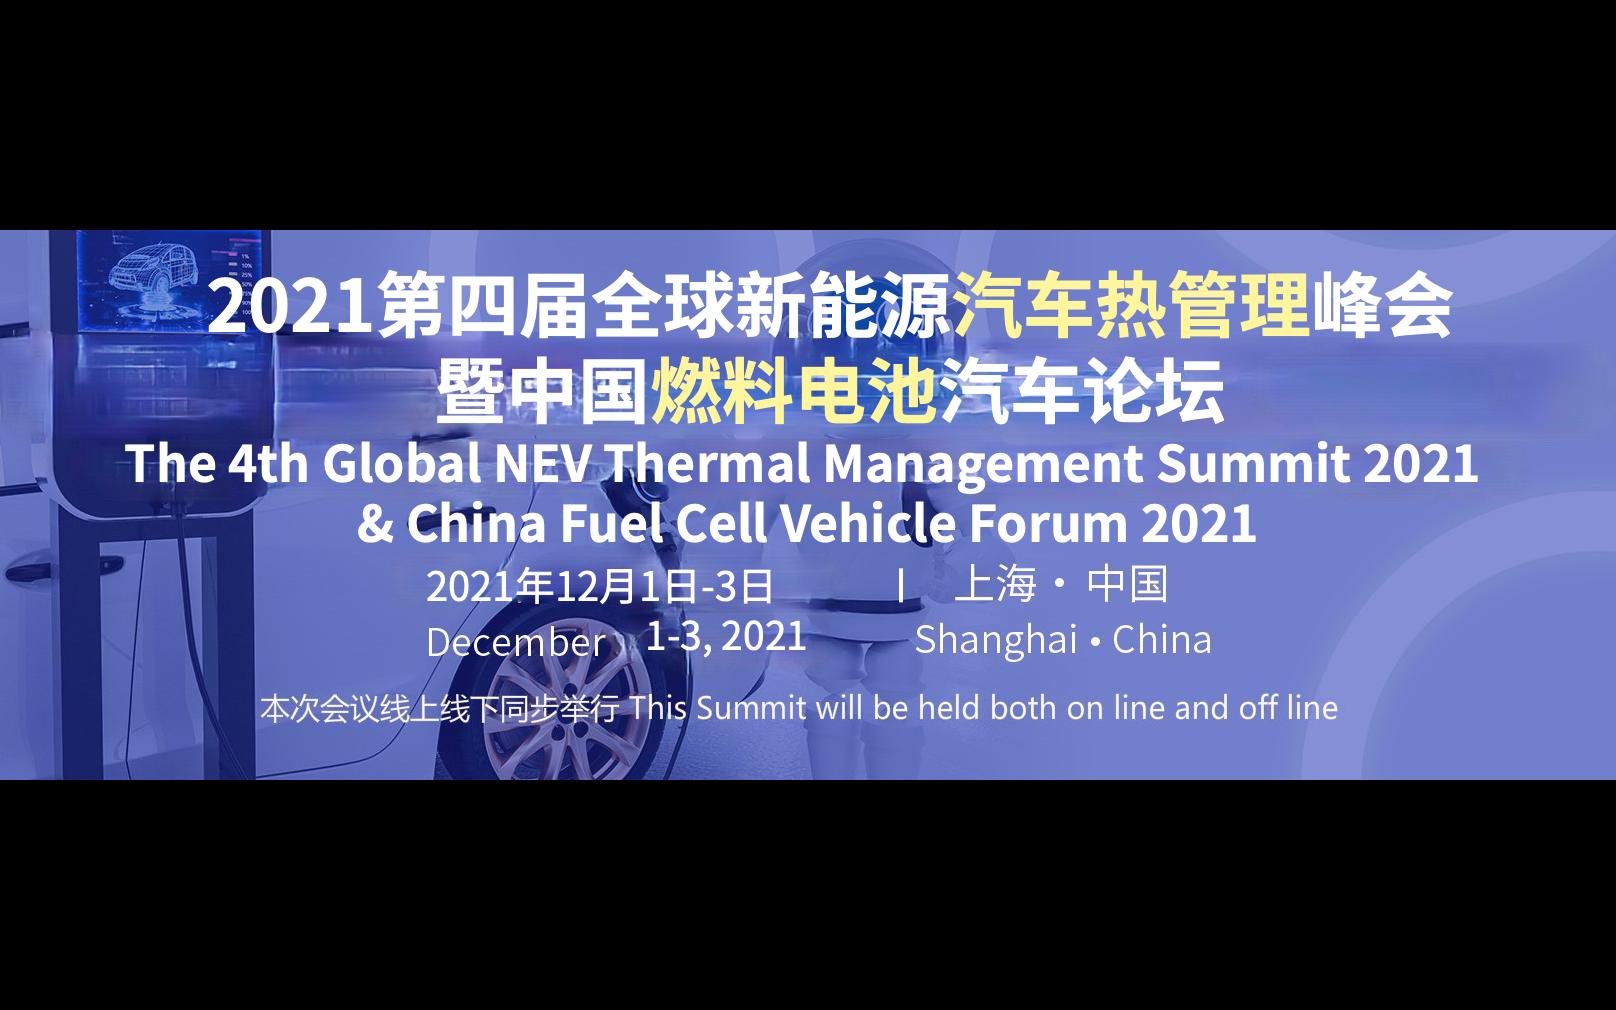 2021中国燃料电池汽车论坛12月3日登陆上海